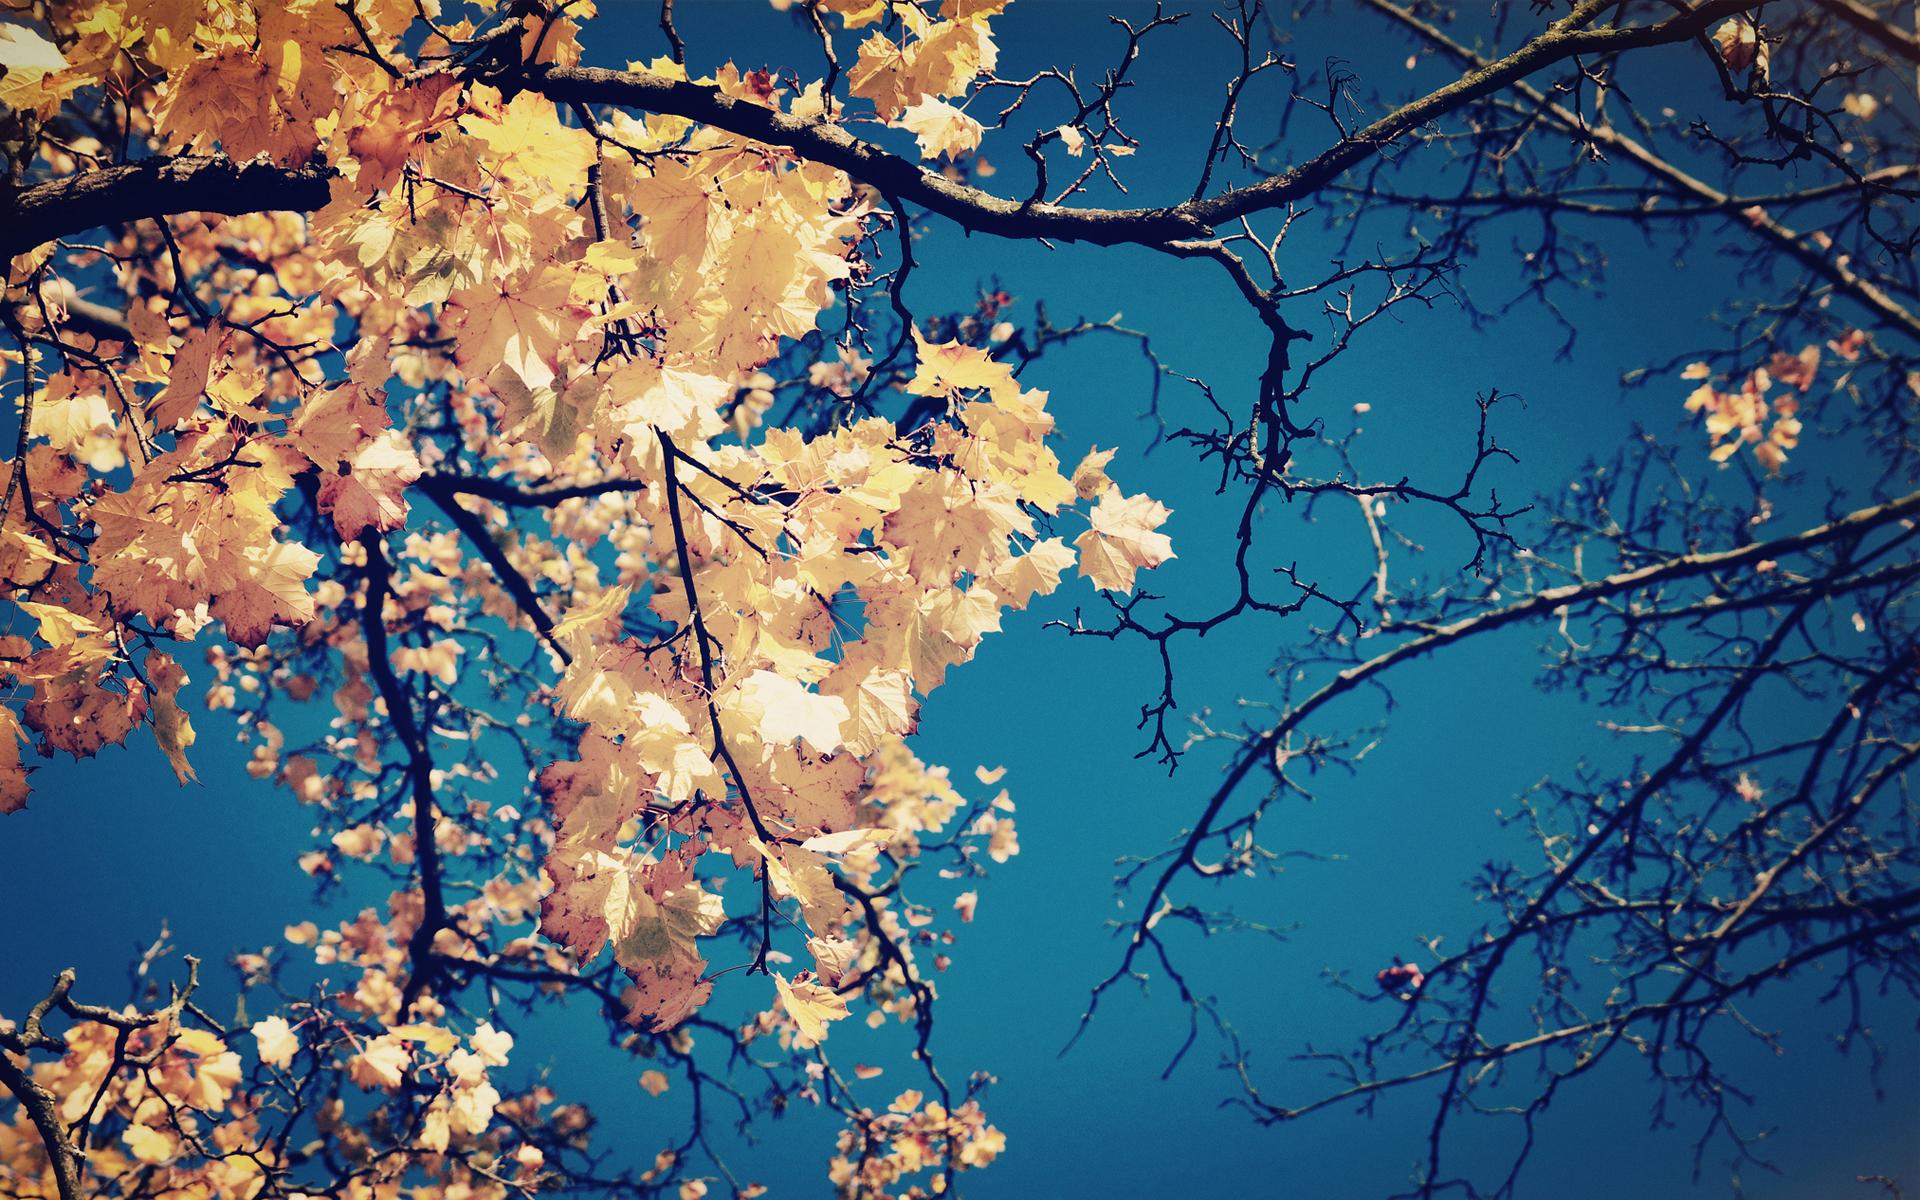 природа деревья листья осень nature trees leaves autumn  № 1036888 загрузить